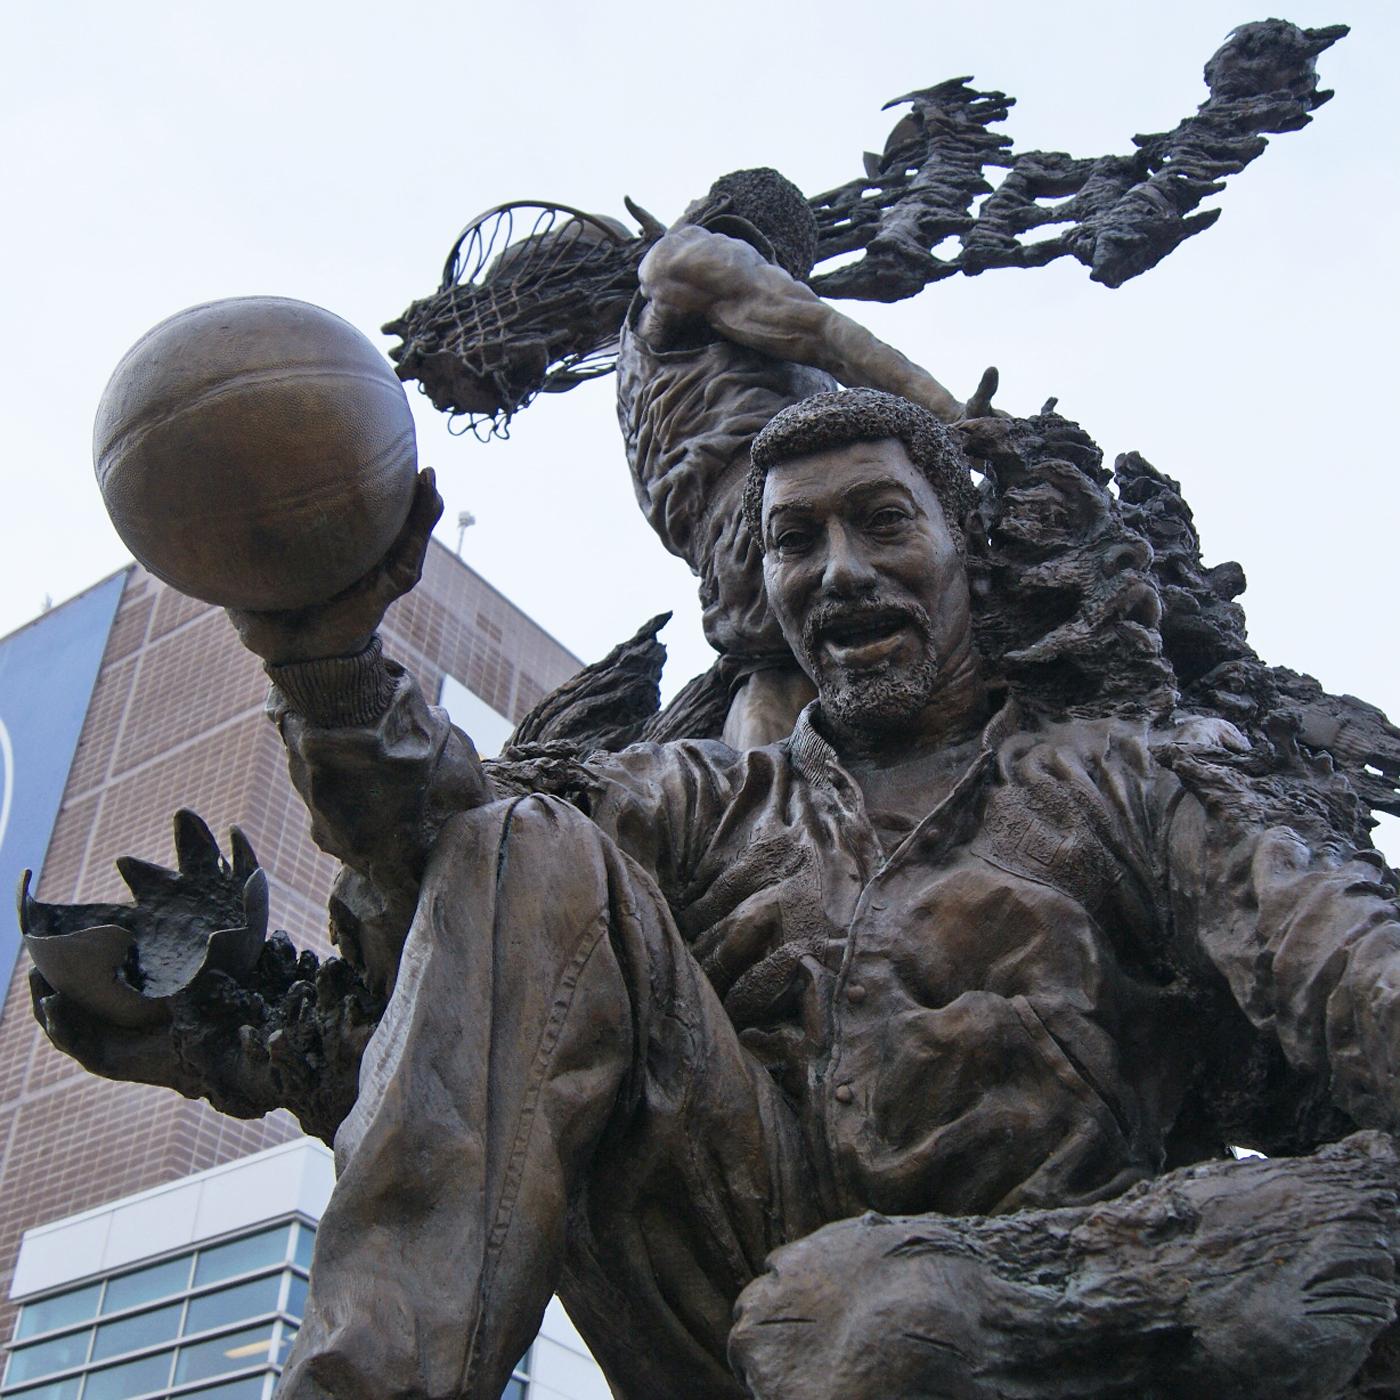 Wilt Chamberlain Association for Public Art